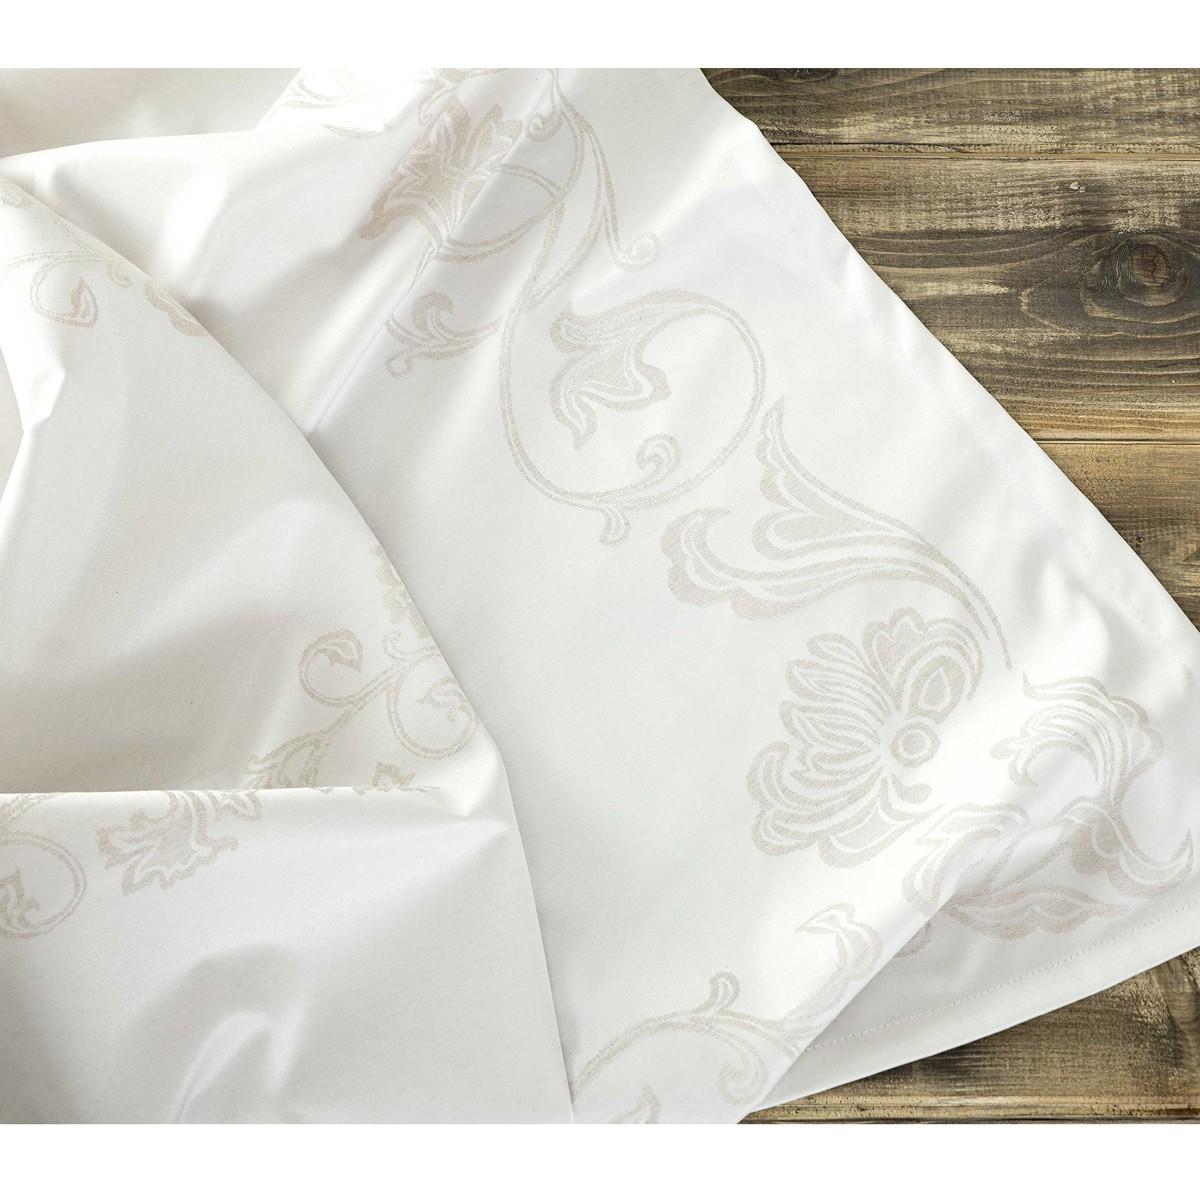 Σουπλά (Σετ 2τμχ) Nima Table Linen Elodie Ivory